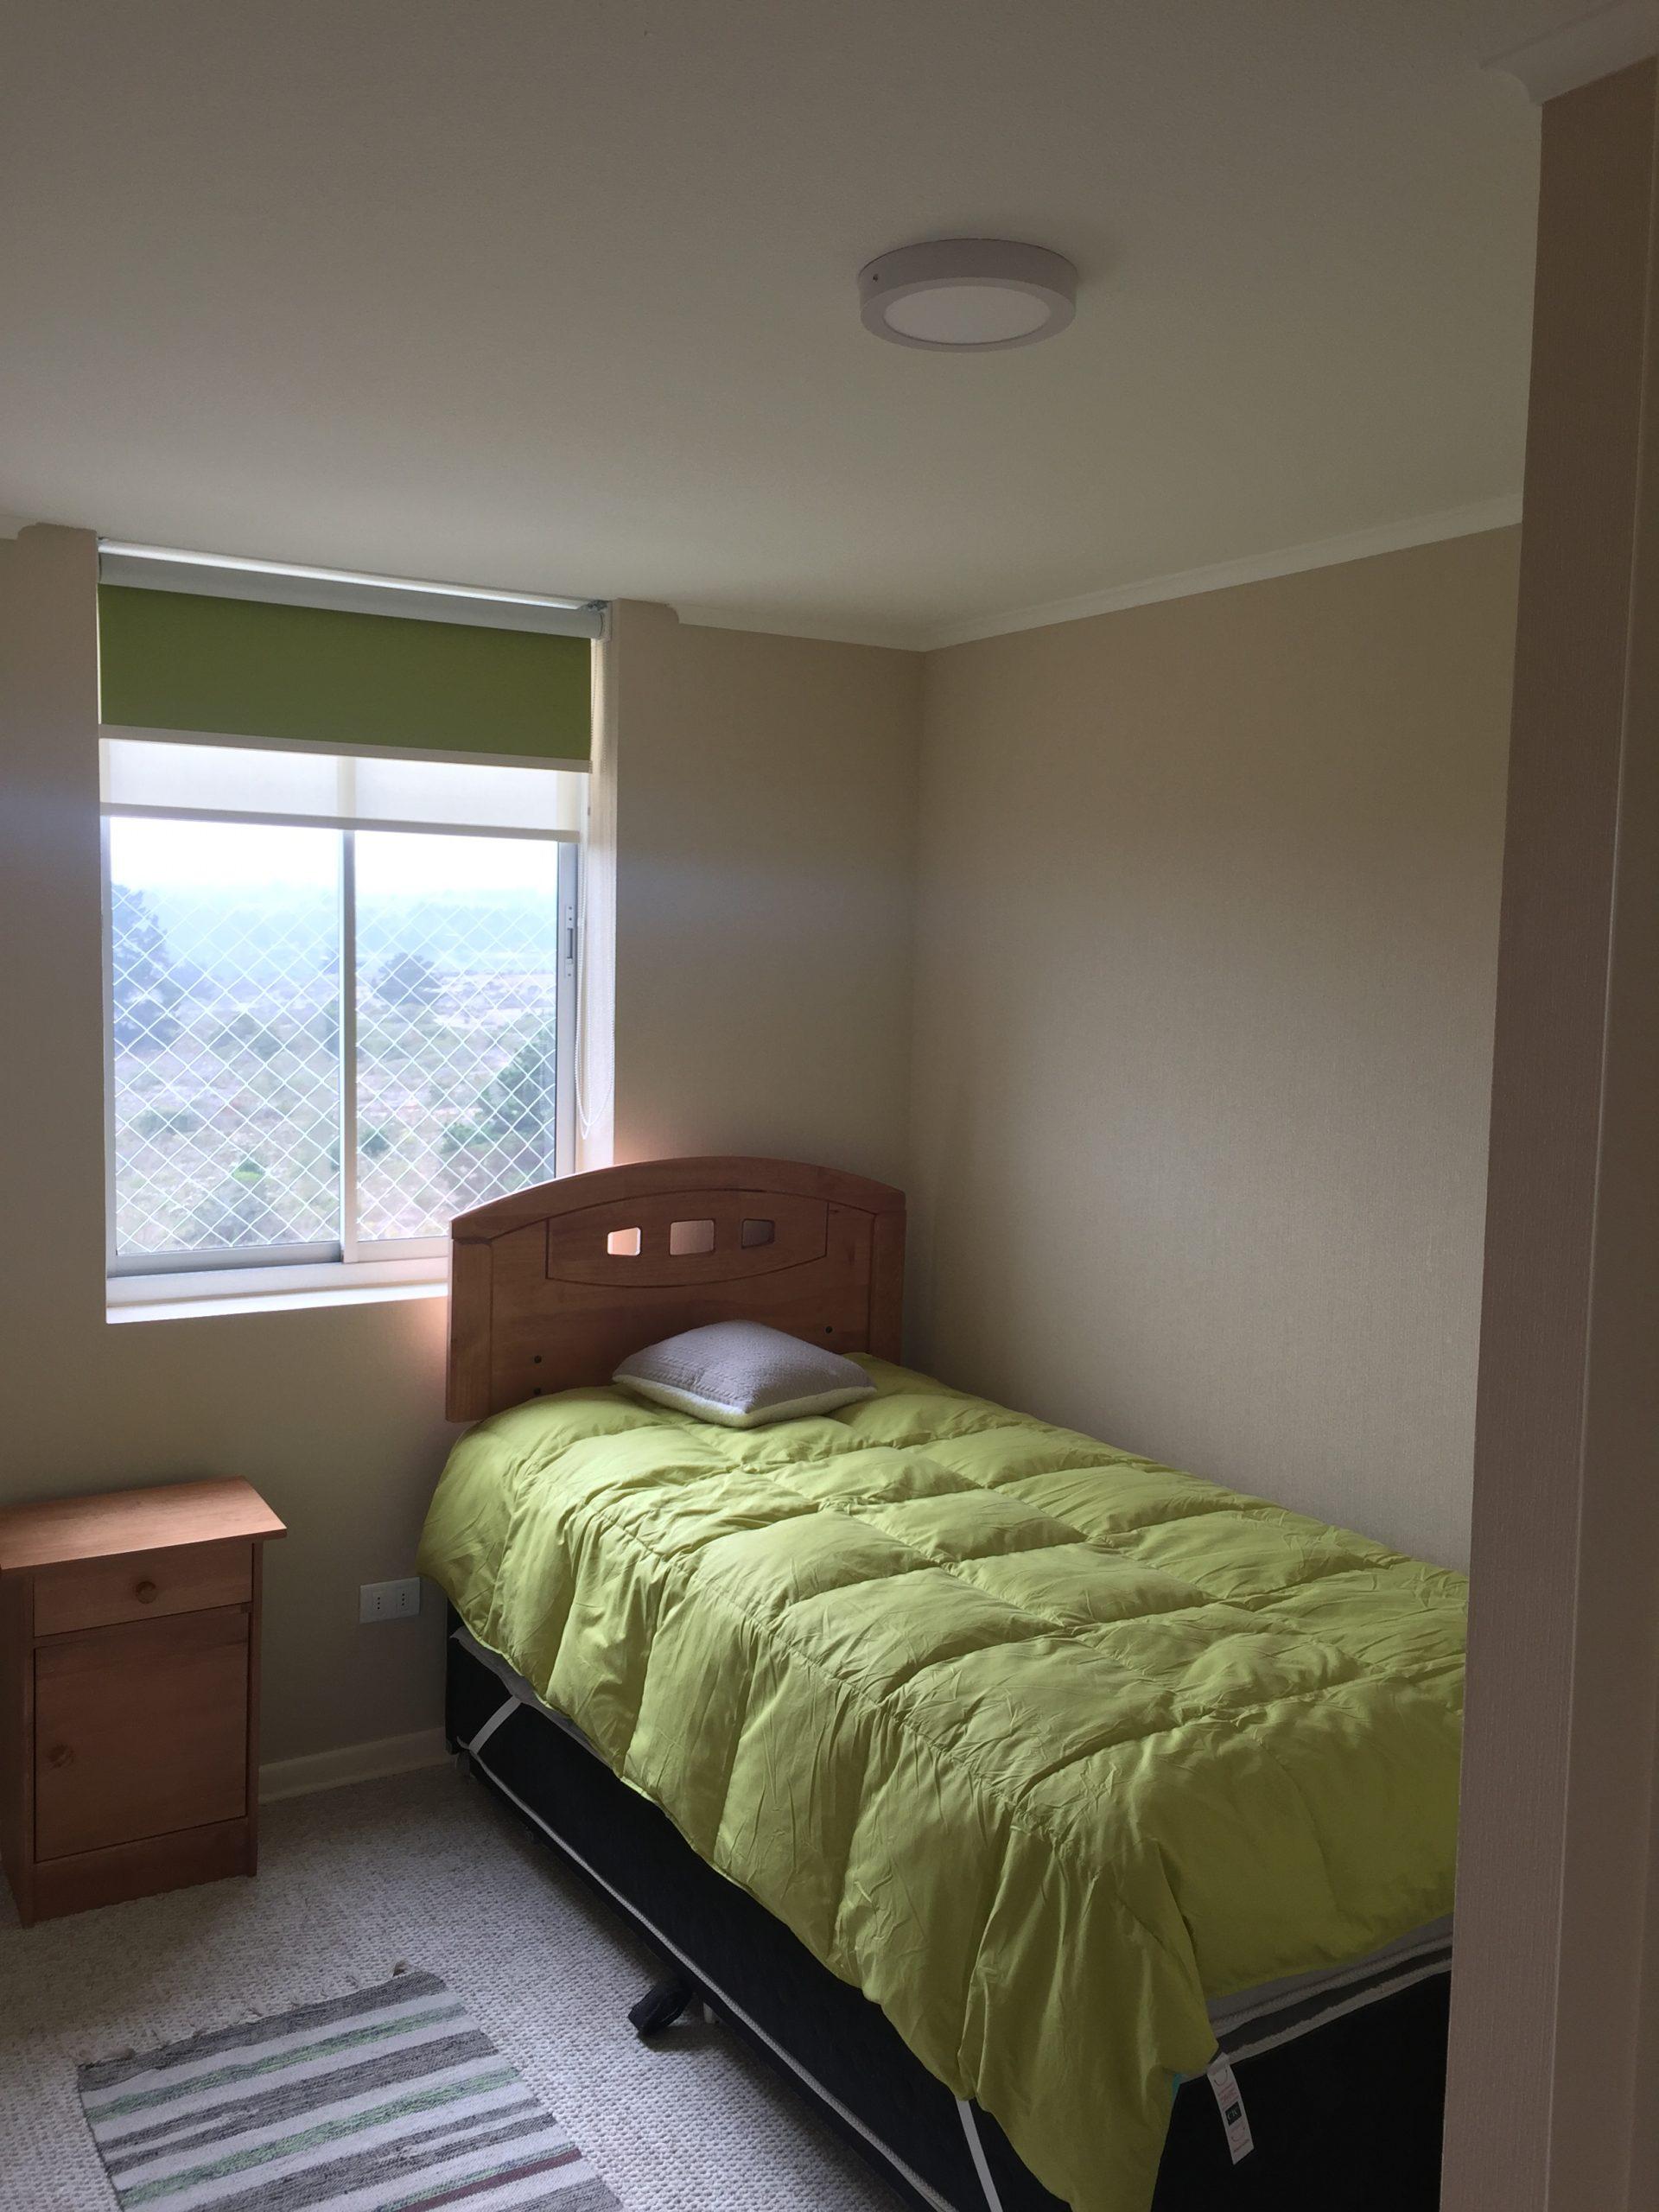 Departamento en venta Algarrobo - habitación 2